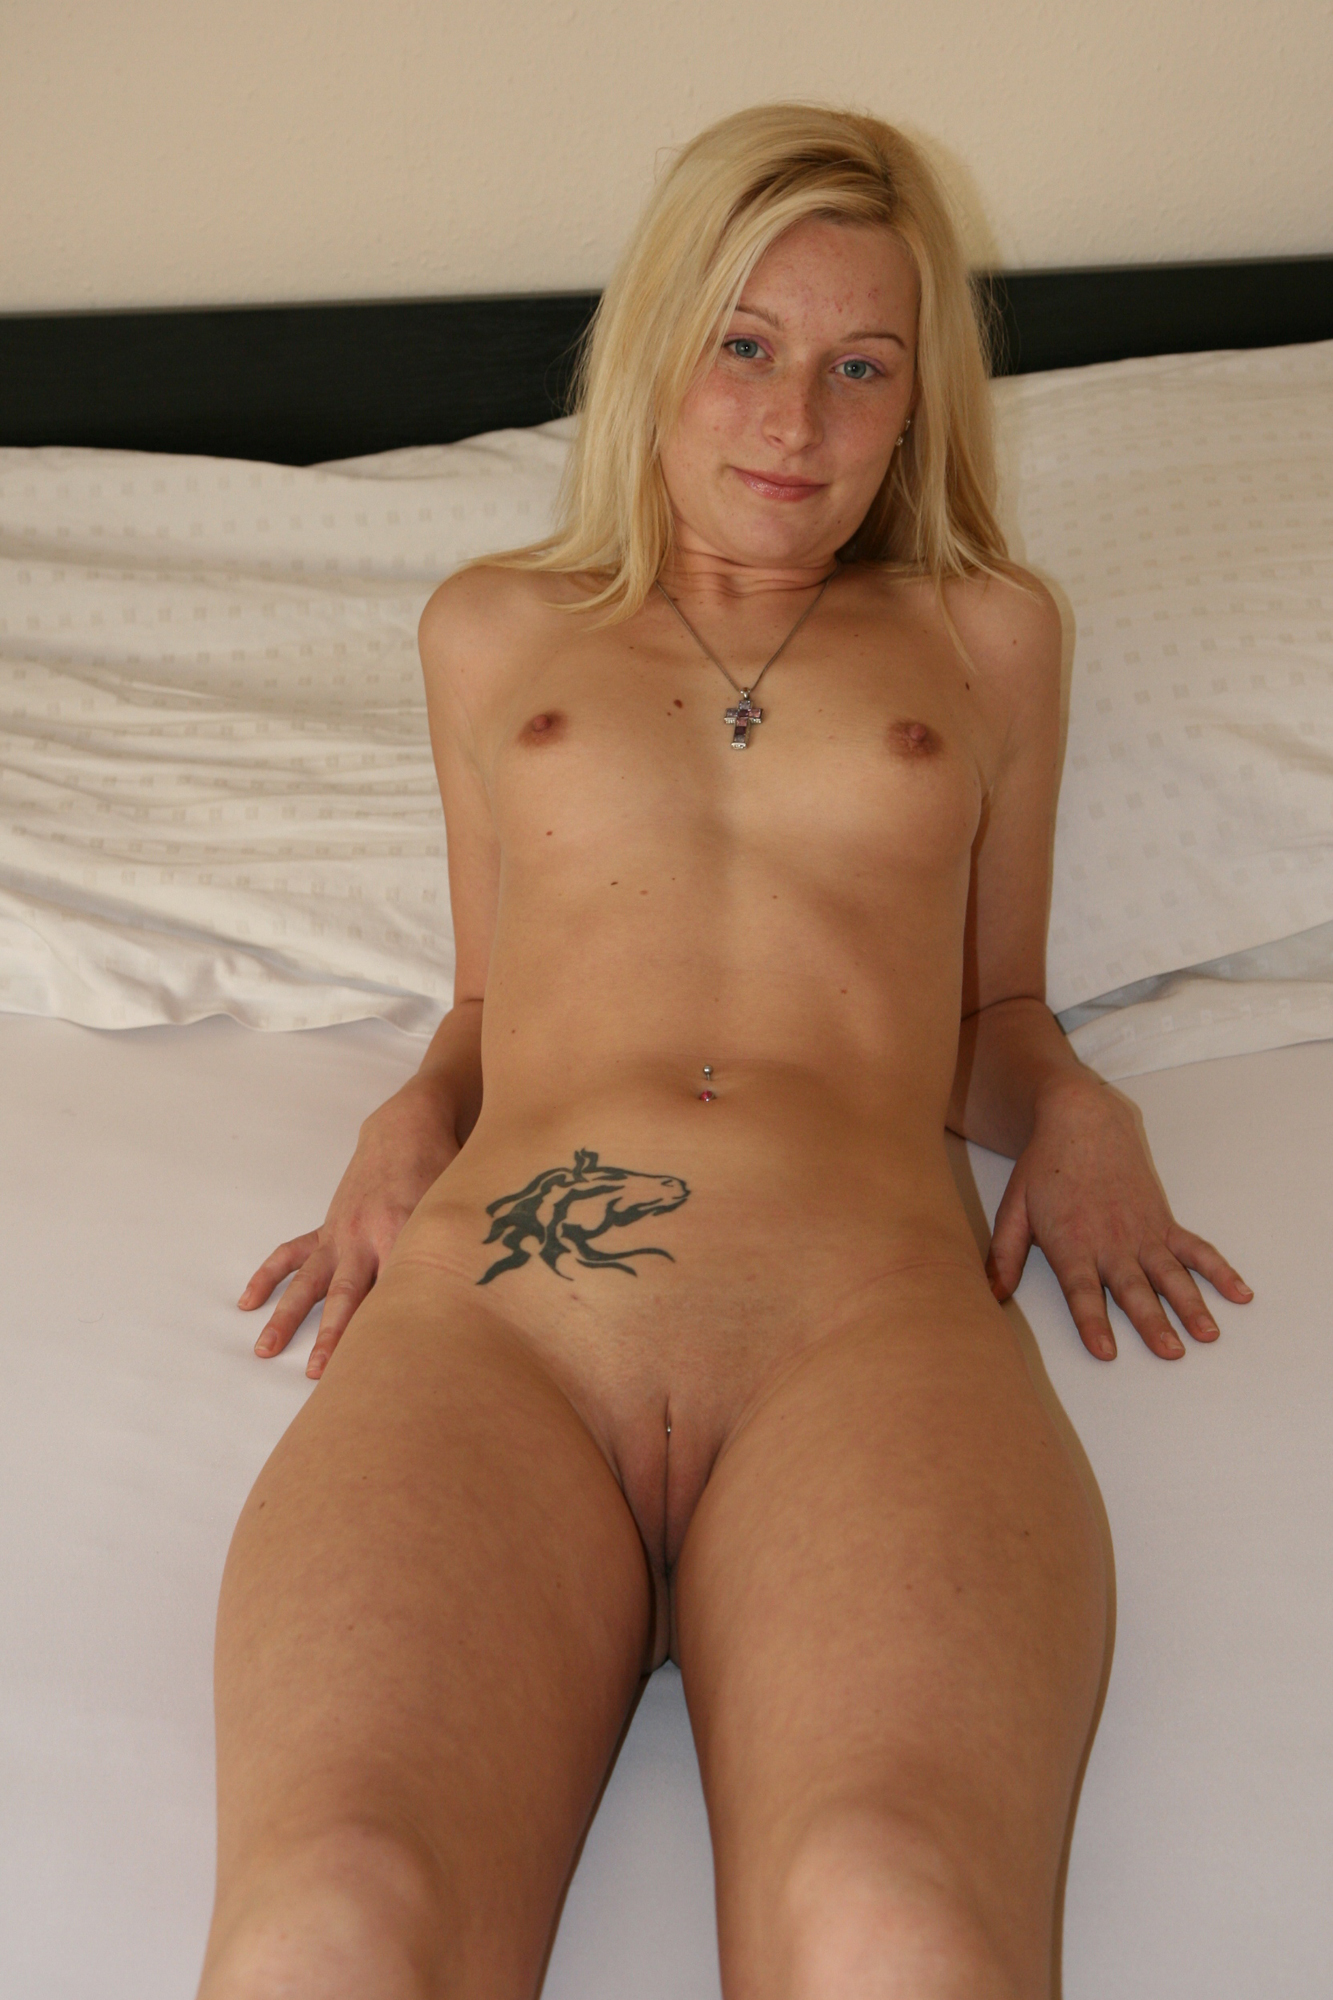 nude photo jerman sex